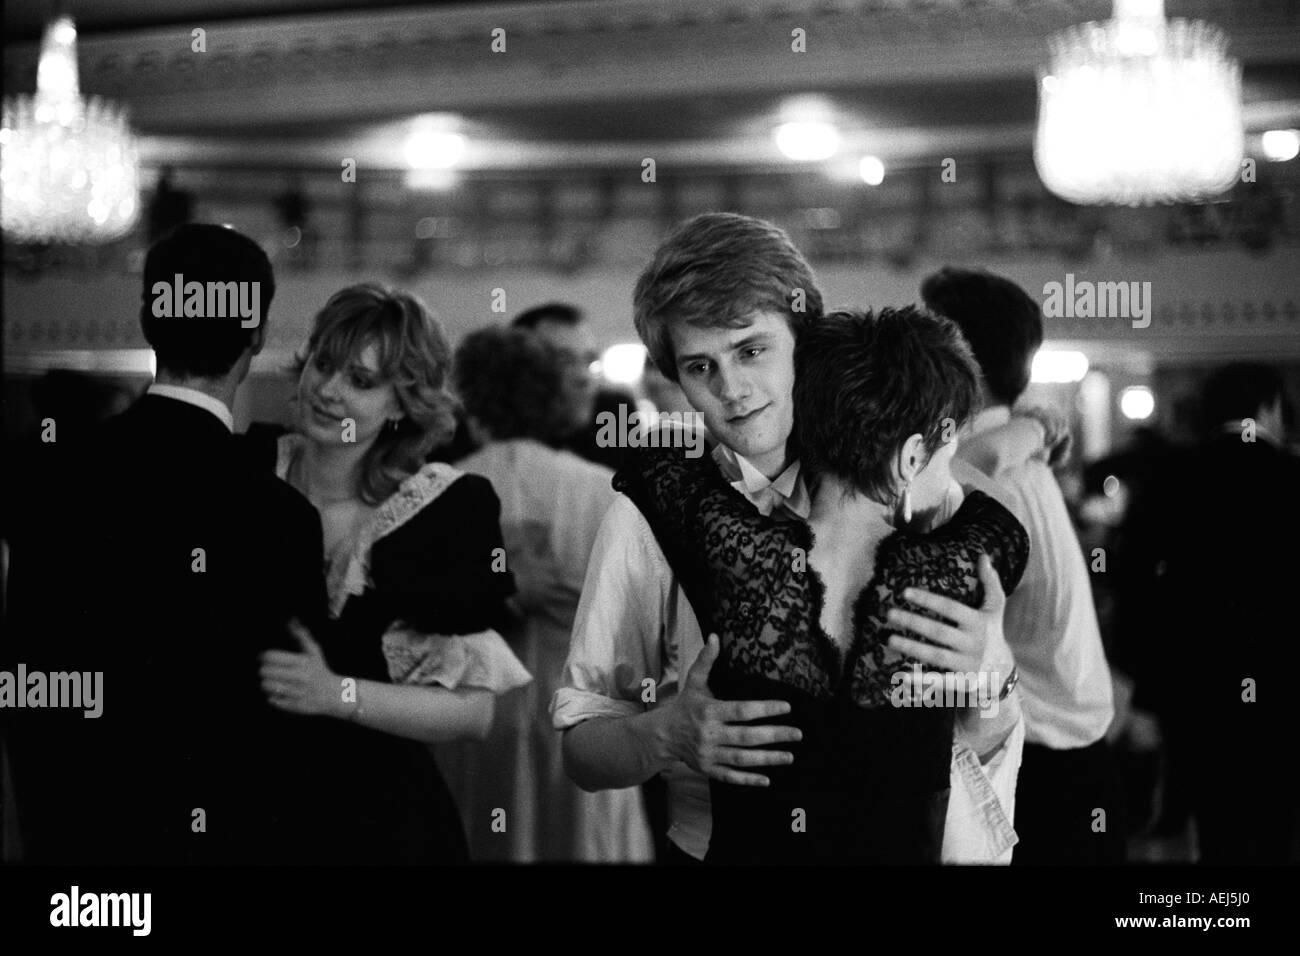 Rose Ball Grosvenor House Hotel, Park Lane,  London England 1982.  1980S UK HOMER SYKES - Stock Image